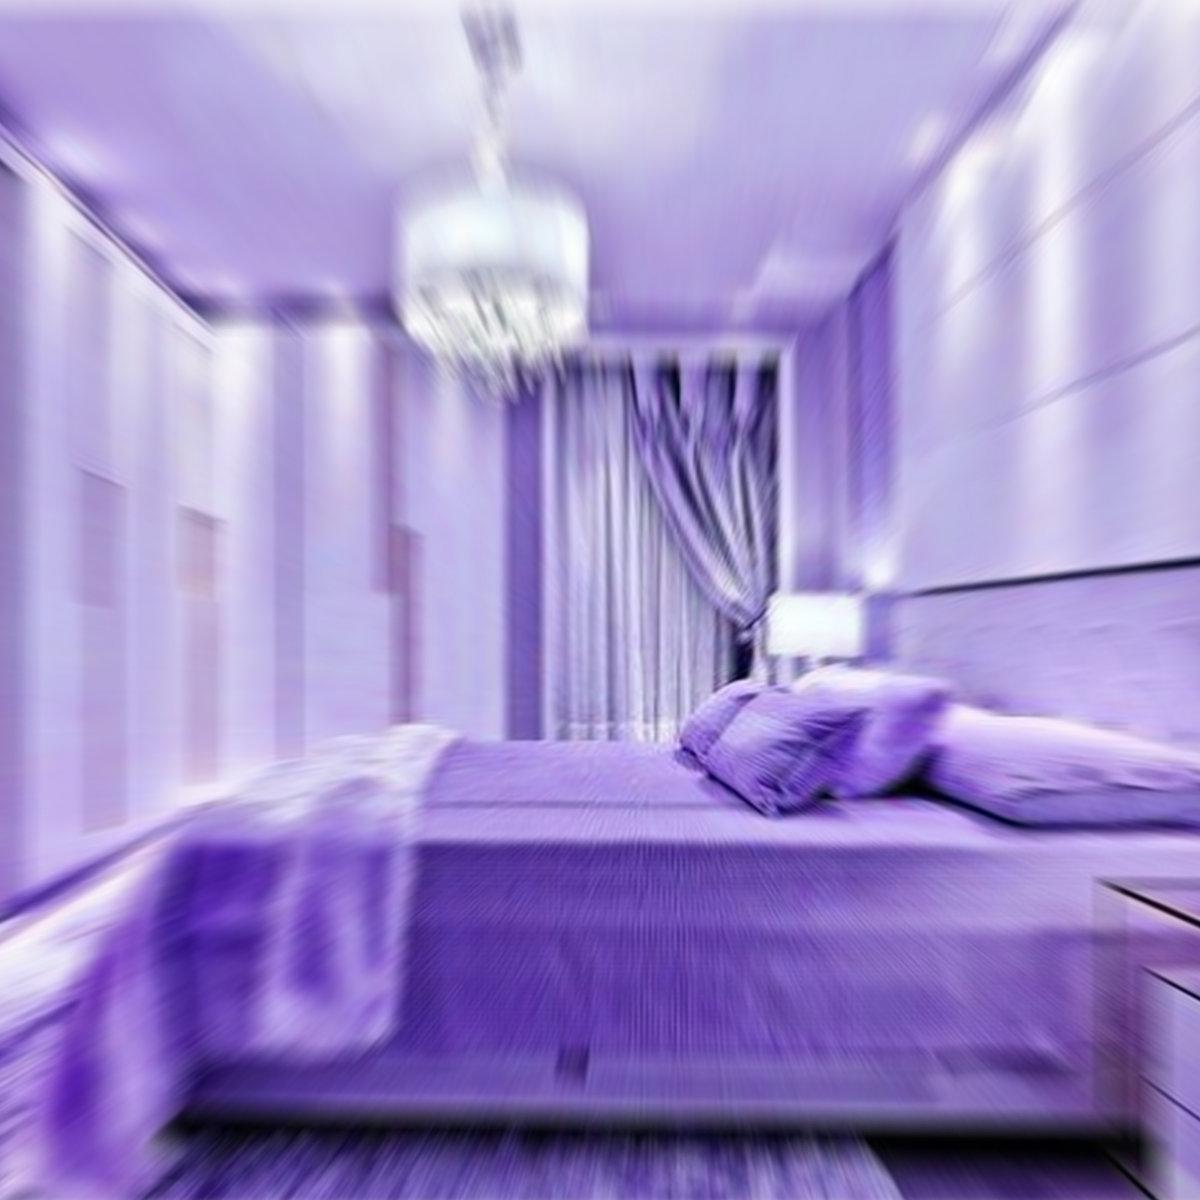 By Fancy Room Ltd